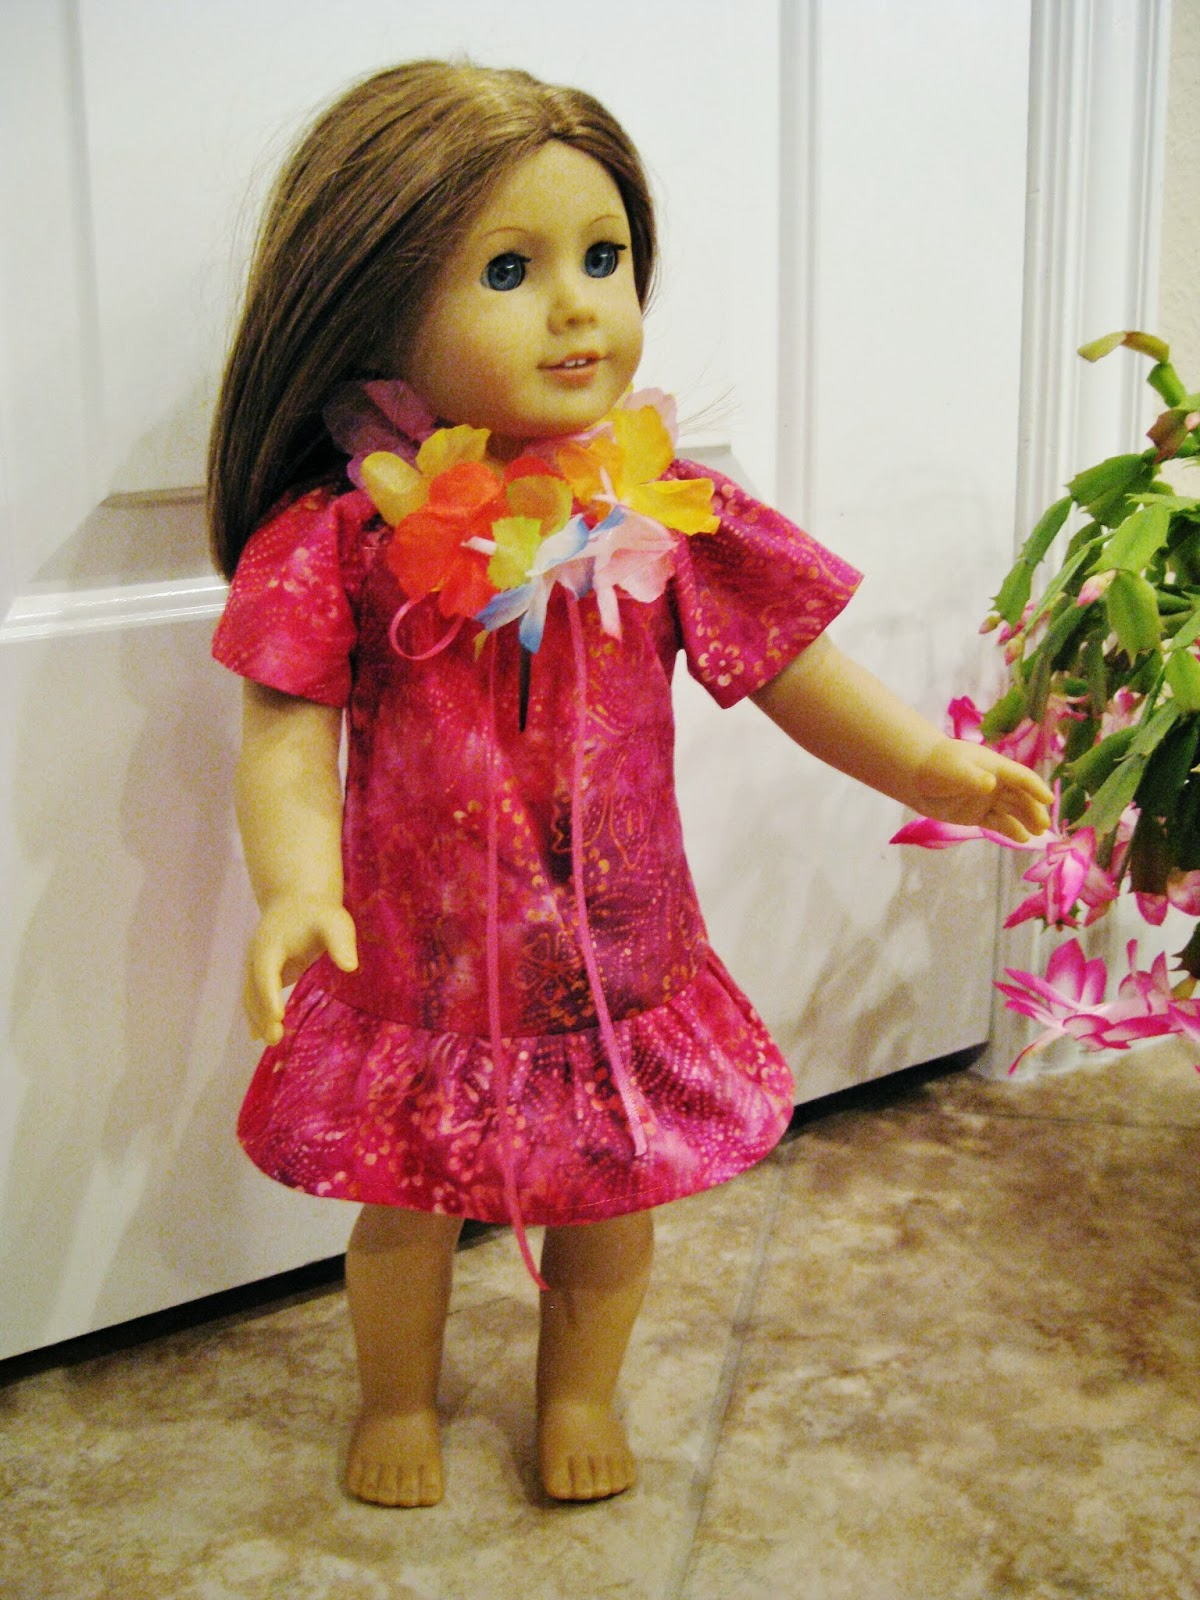 Hawaiian doll dress with free pattern | bonnieprojects.blogspot.com